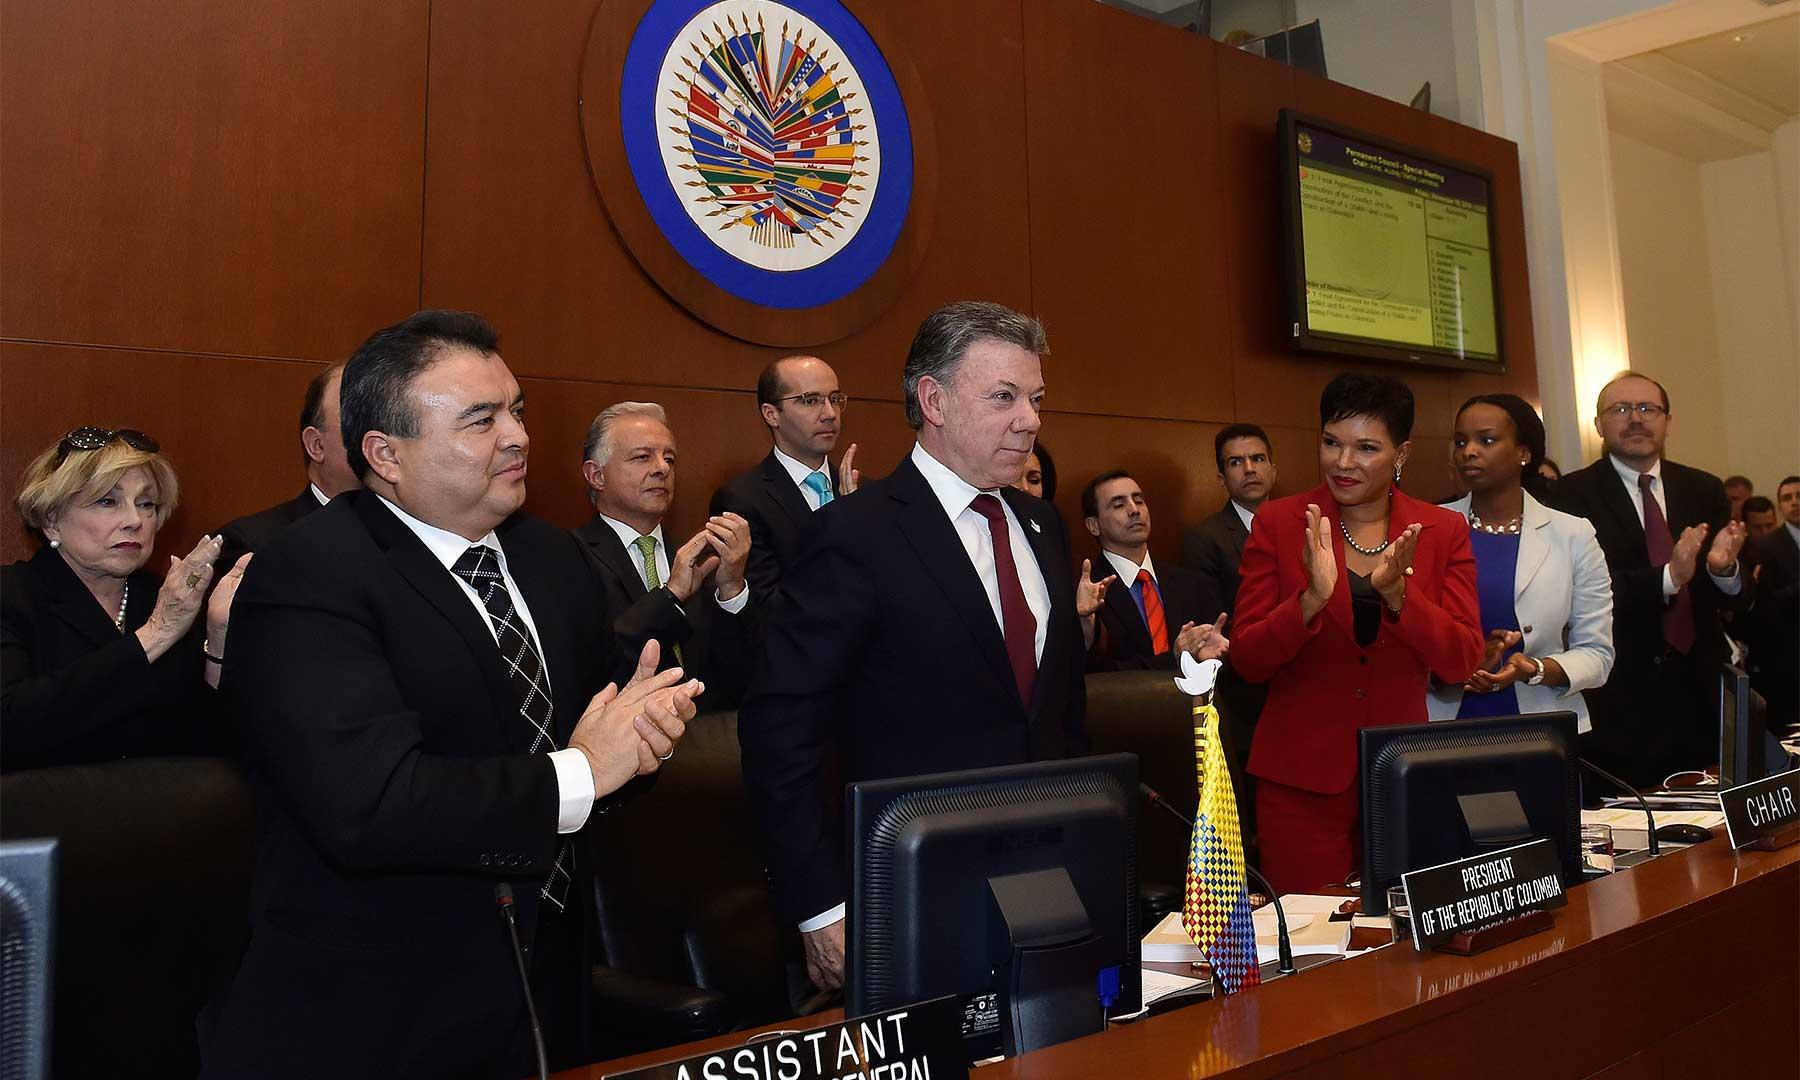 Respaldo unánime a los esfuerzos del Presidente Santos por lograr la paz, brindó el Consejo Permanente de la OEA, cuyos miembros felicitaron el otorgamiento del Premio Nobel de Paz.